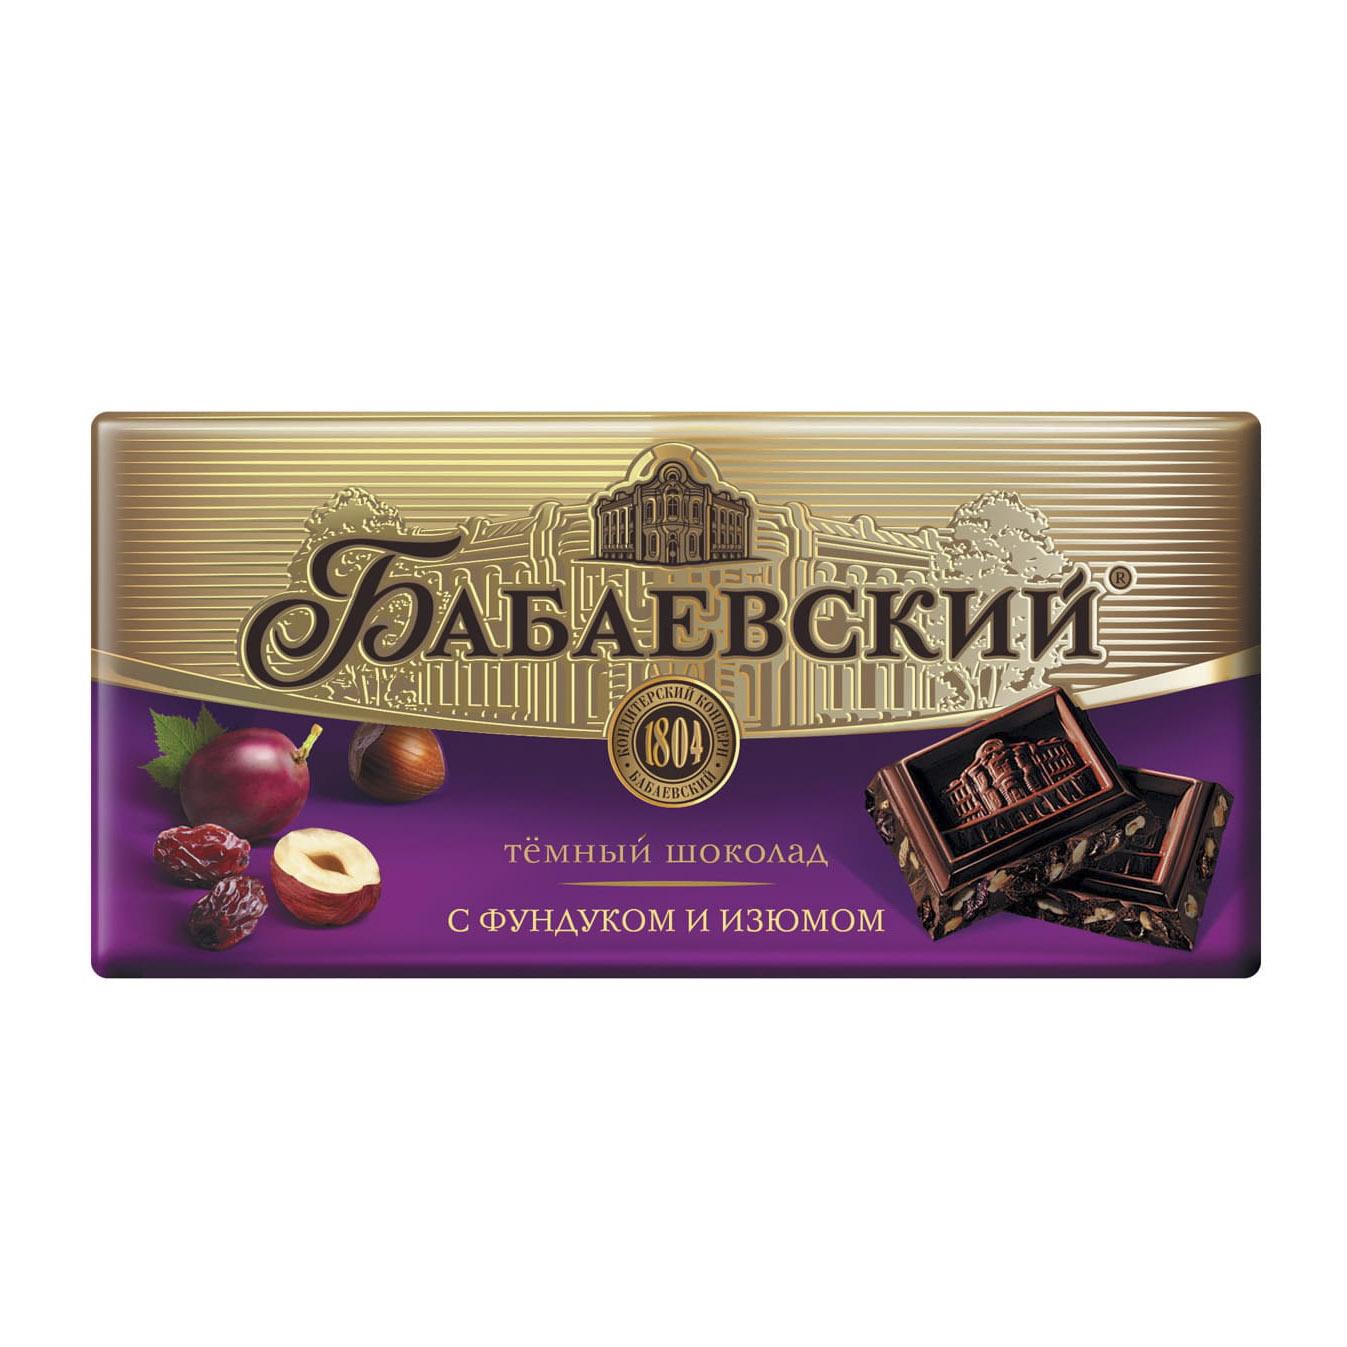 Шоколад Бабаевский темный с фундуком и изюмом 100 г